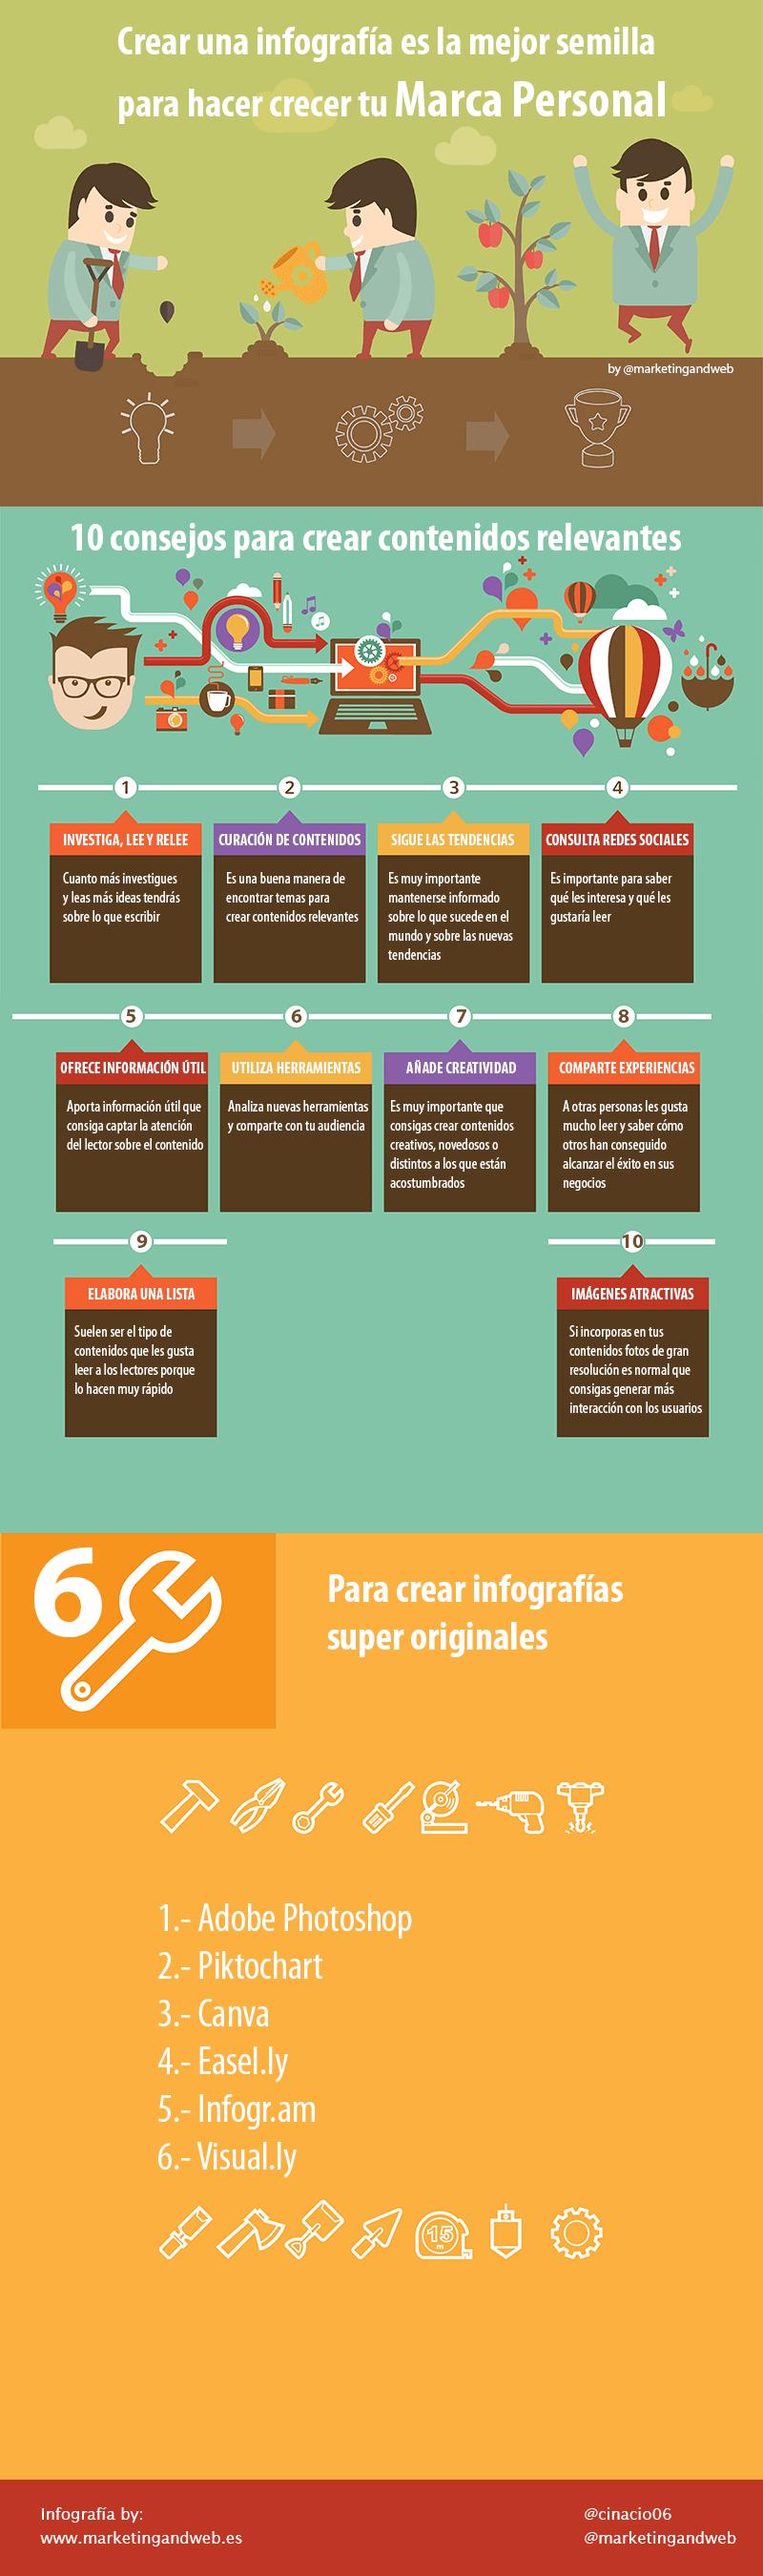 crear infografía online guia